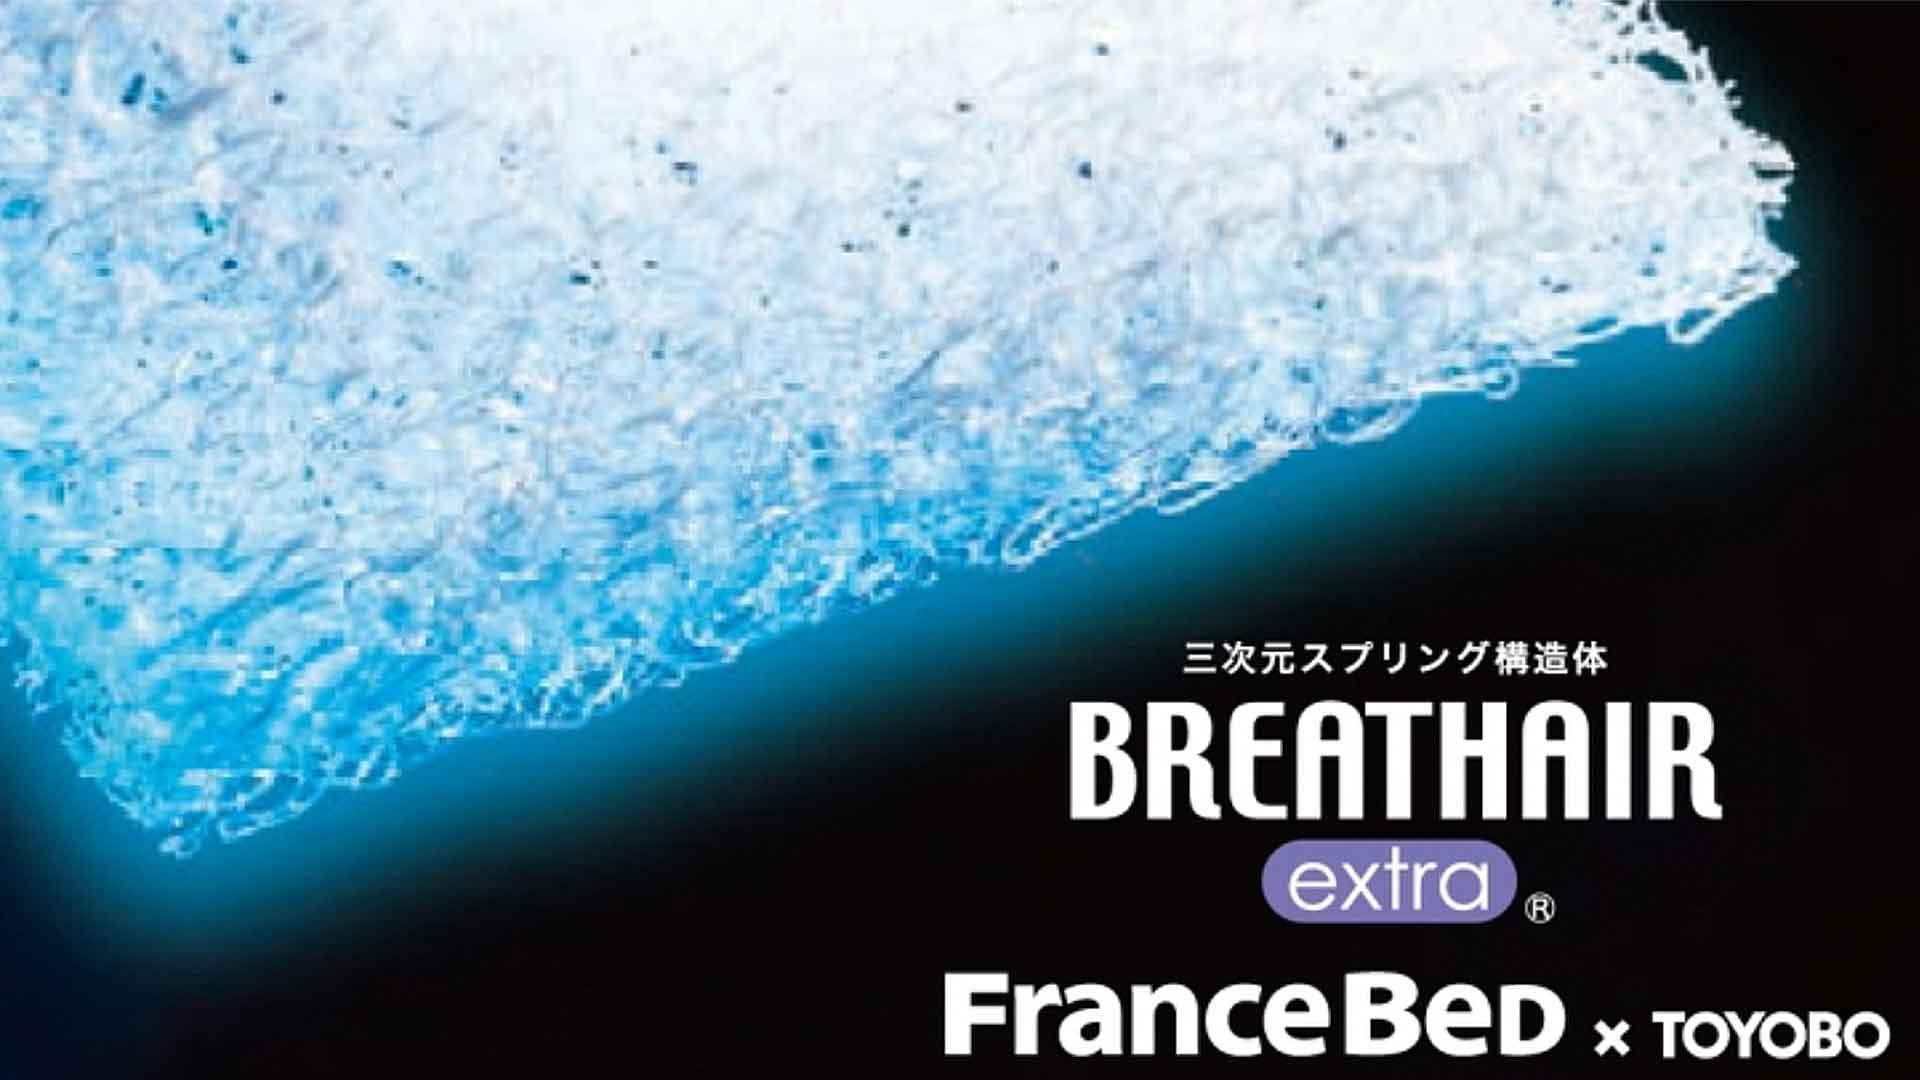 フランスのブレスエアーエクストラのイメージ画像